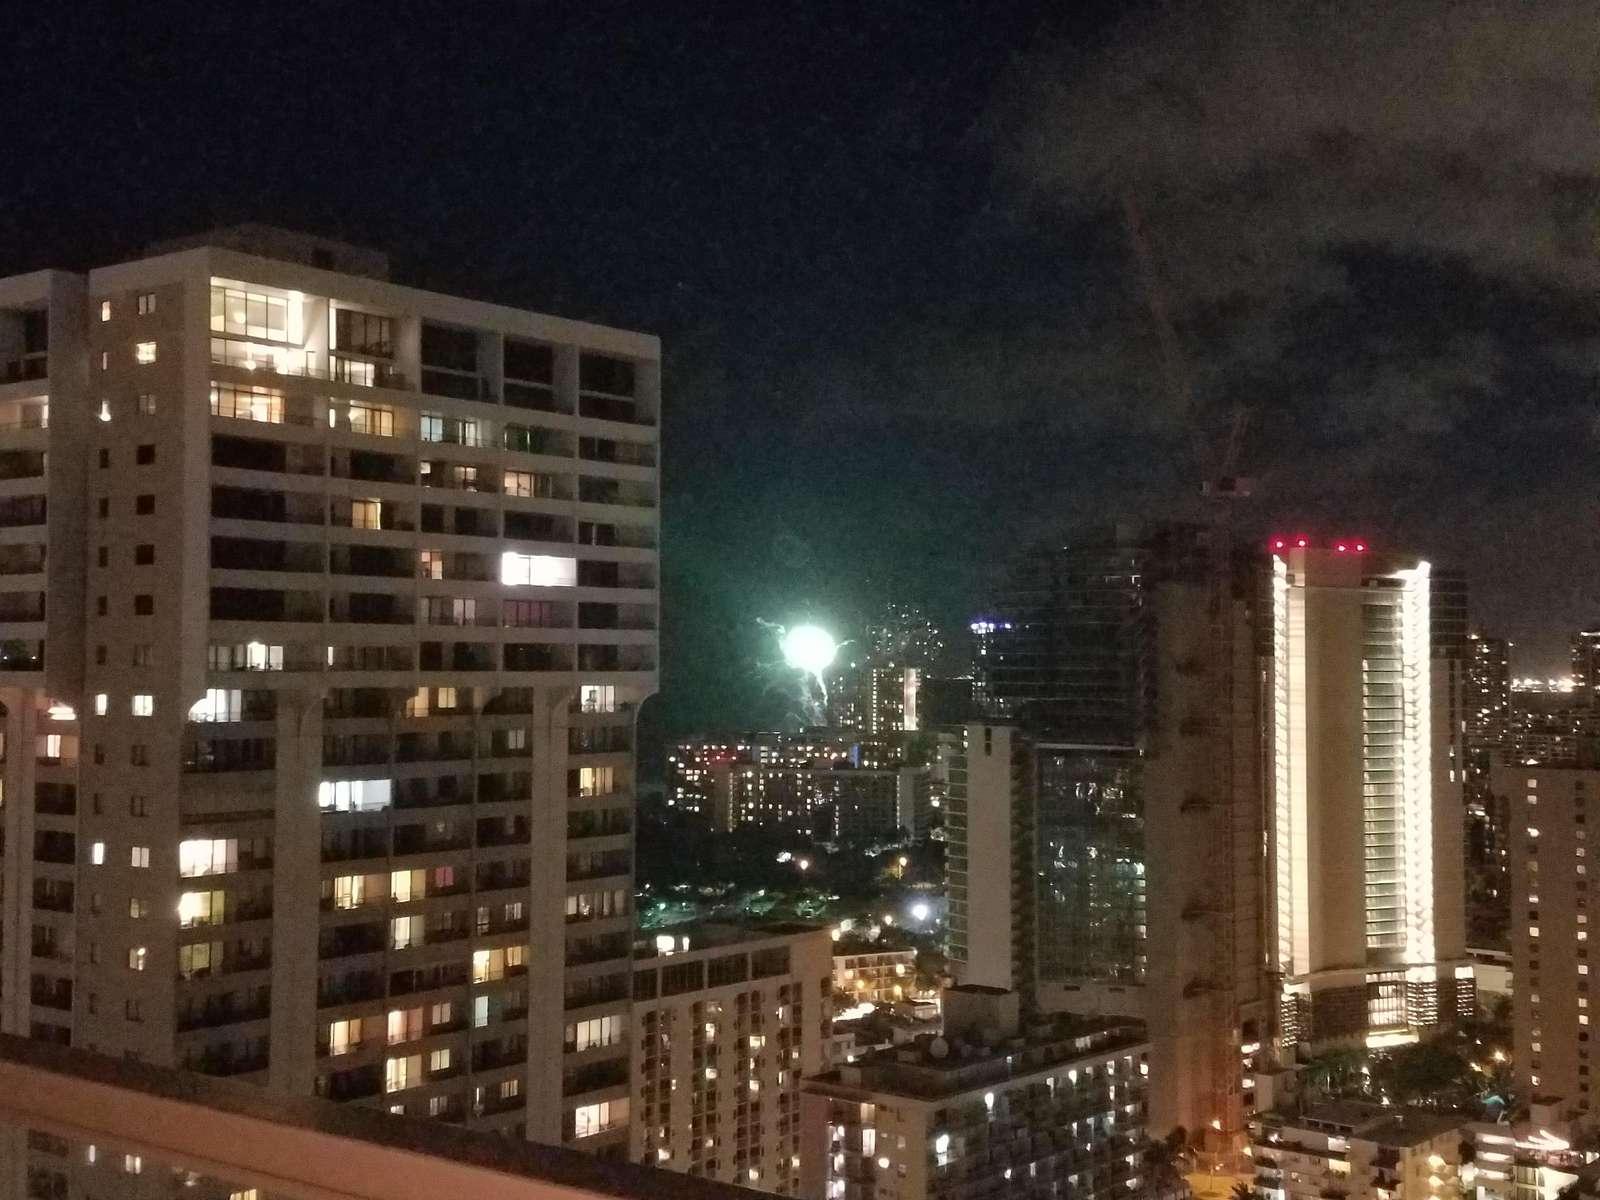 Waikiki City Night Lights